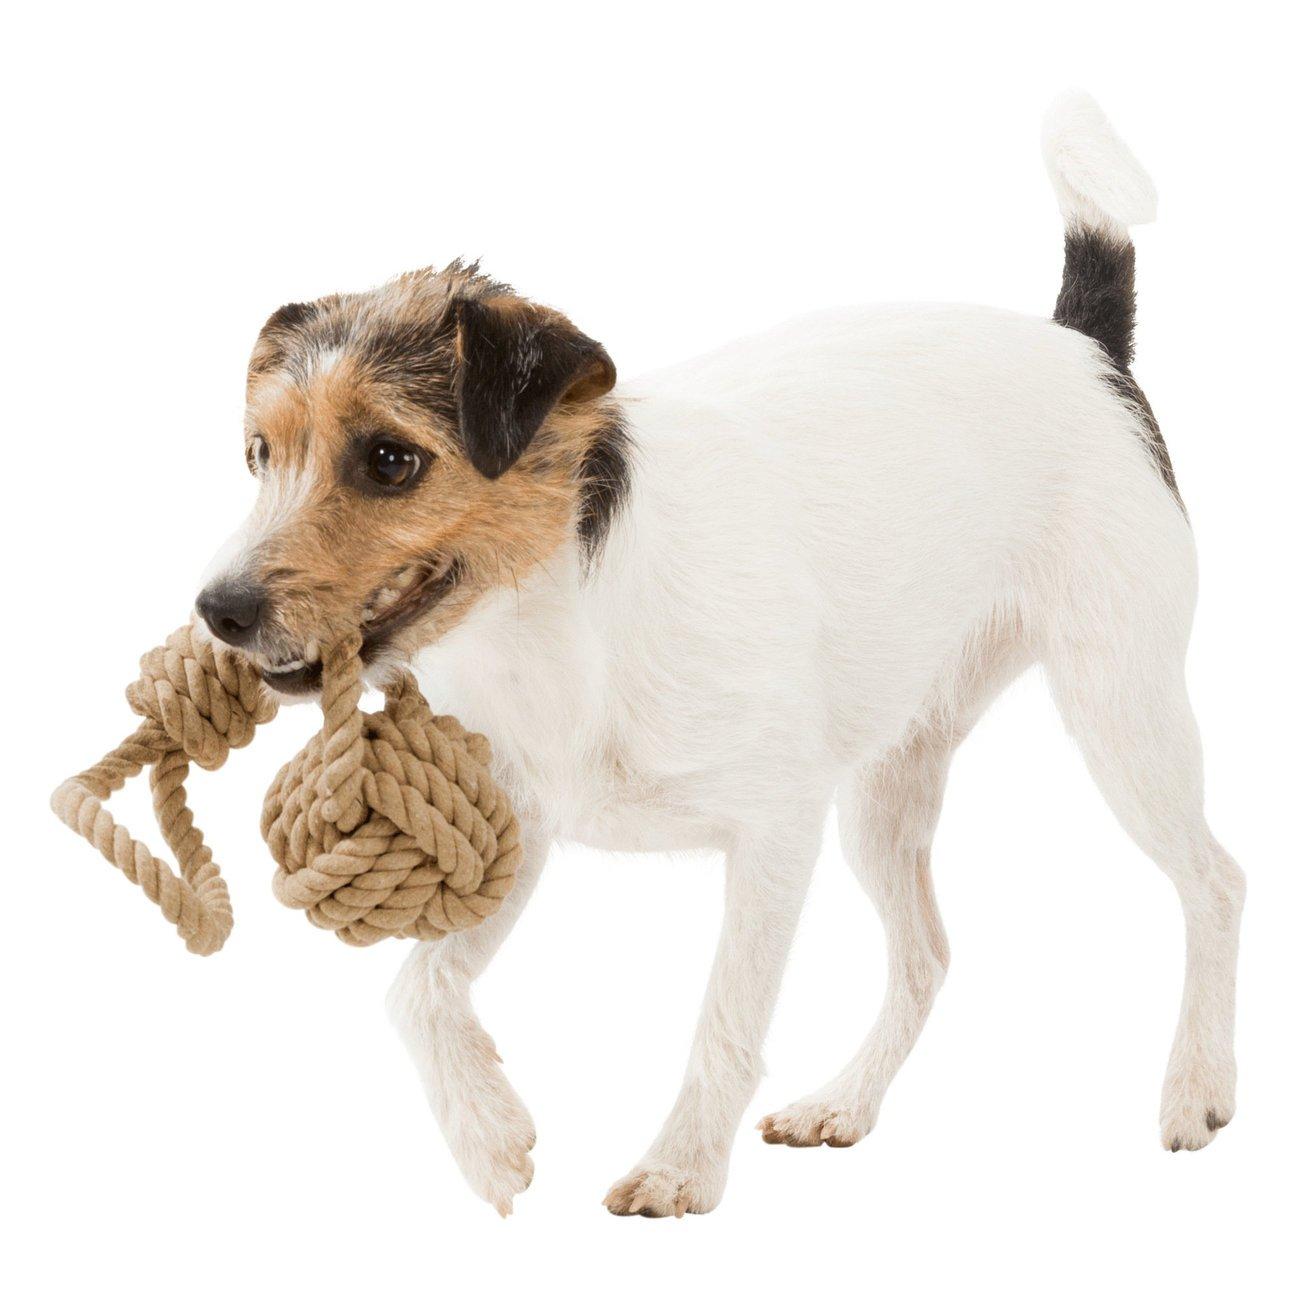 TRIXIE BE NORDIC Hunde Spieltau mit eingeflochtenem Ball 32632, Bild 3